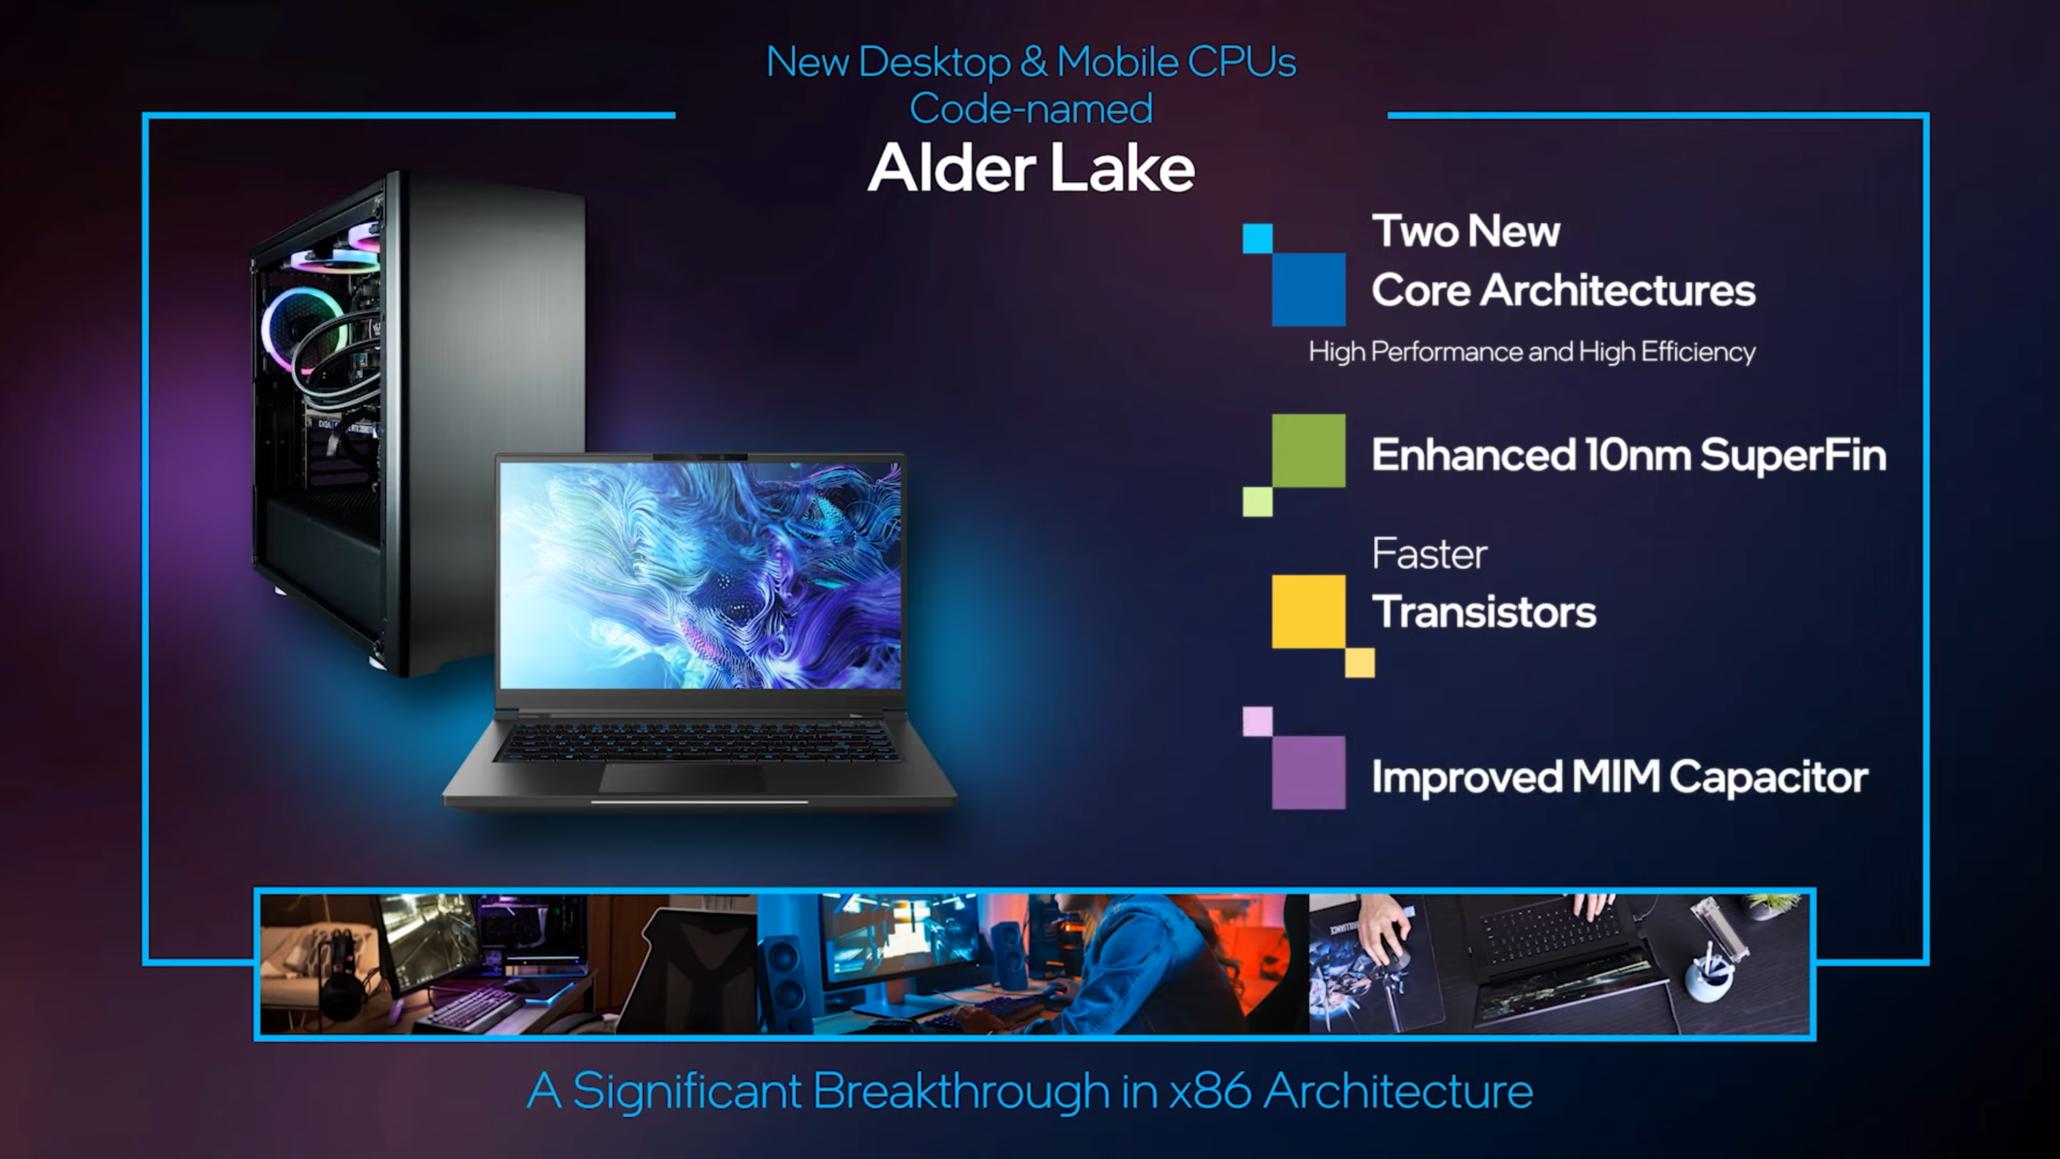 Intel Alder Lake-S Desktop CPU Dengan 16 Core & 32 Threads Terlihat, Dengan Hingga 4 GHz Clocks, 30 MB L3 Cache & Xe 32 Core GPU